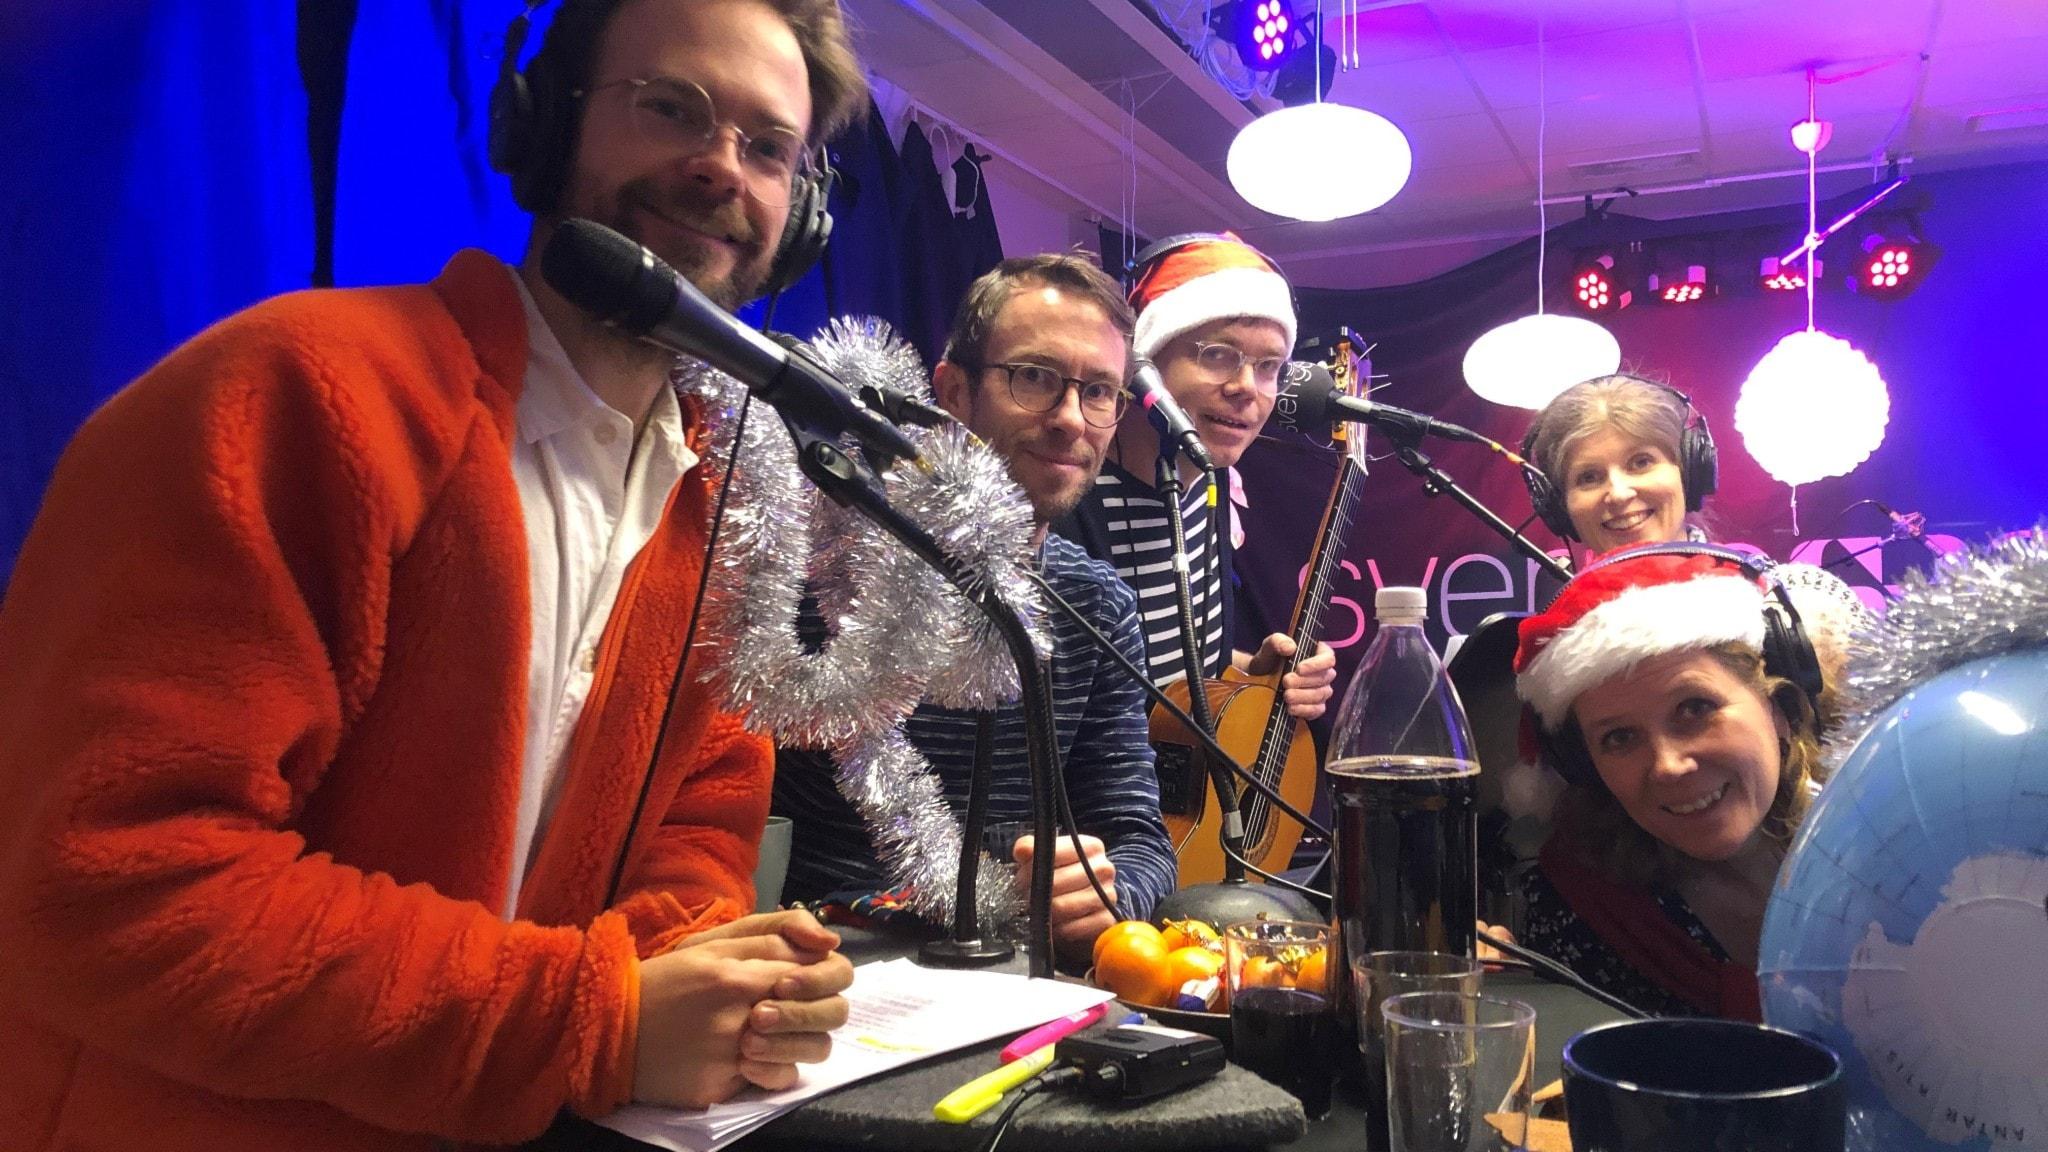 Klotets julspecial - med glimtar från året som gått